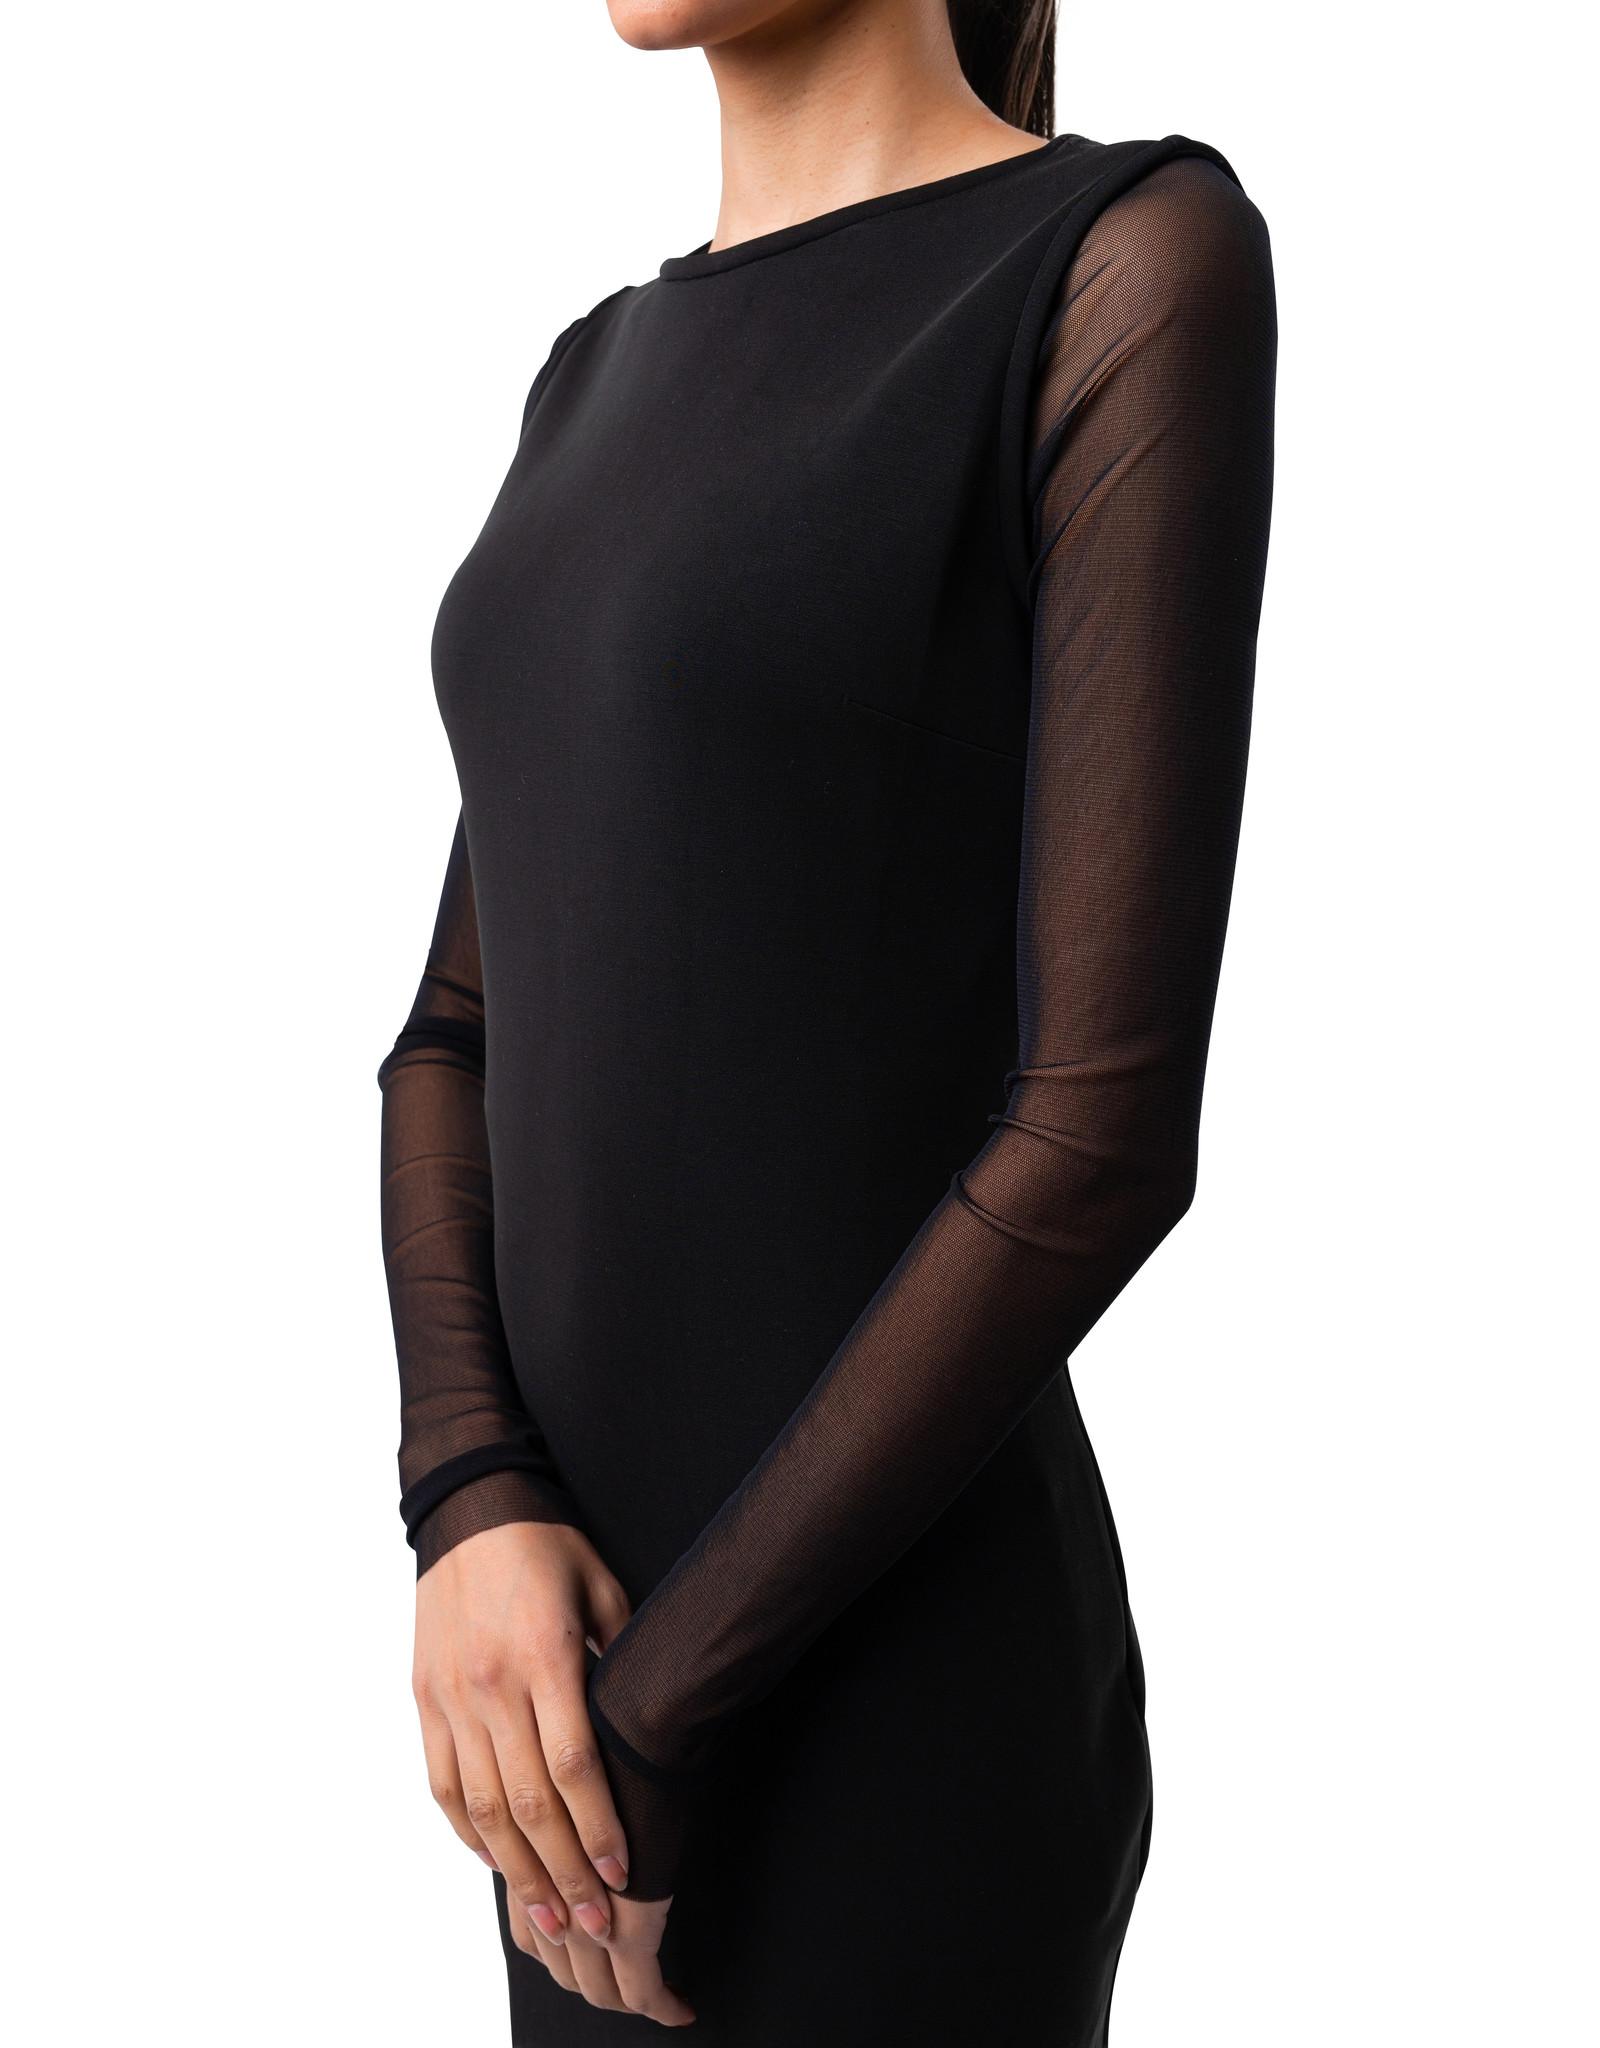 Absolu Modal Sleeveless dress